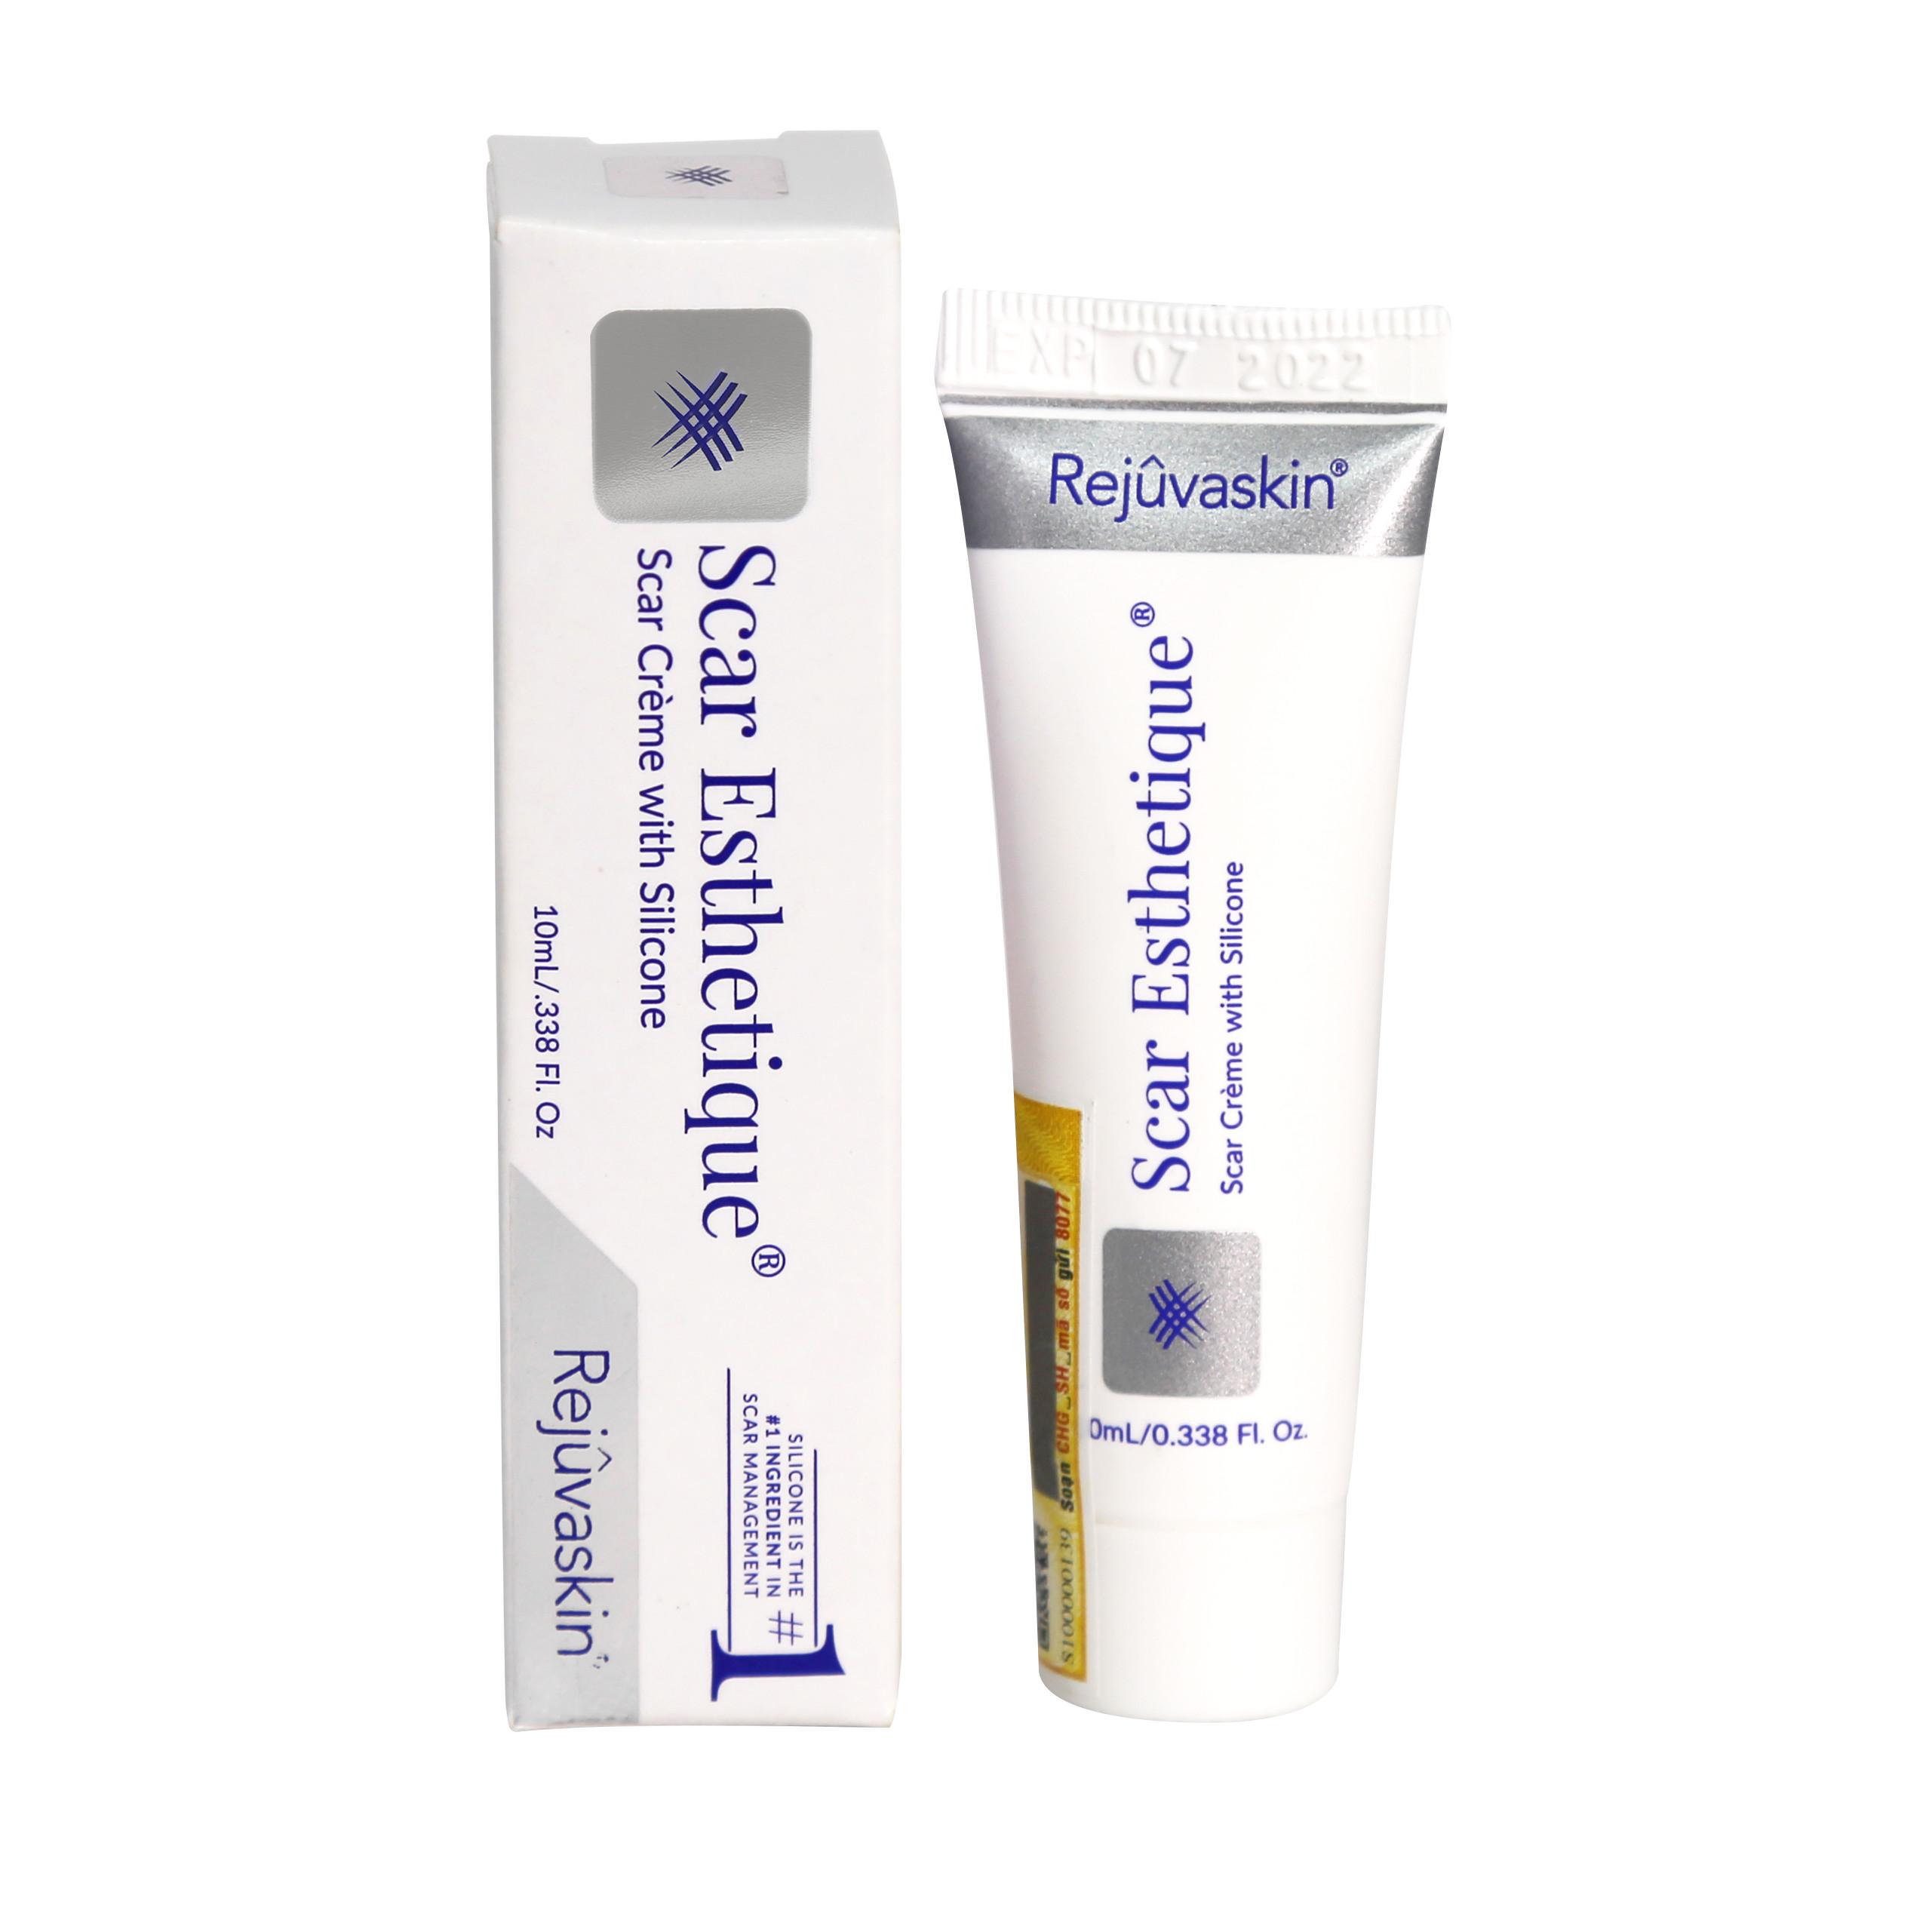 Kem làm mờ sẹo thâm, sẹo rỗ, sẹo lõm Scar Esthetique 10ml của Rejuvaskin - thương hiệu hỗ trợ trị sẹo Hoa Kỳ